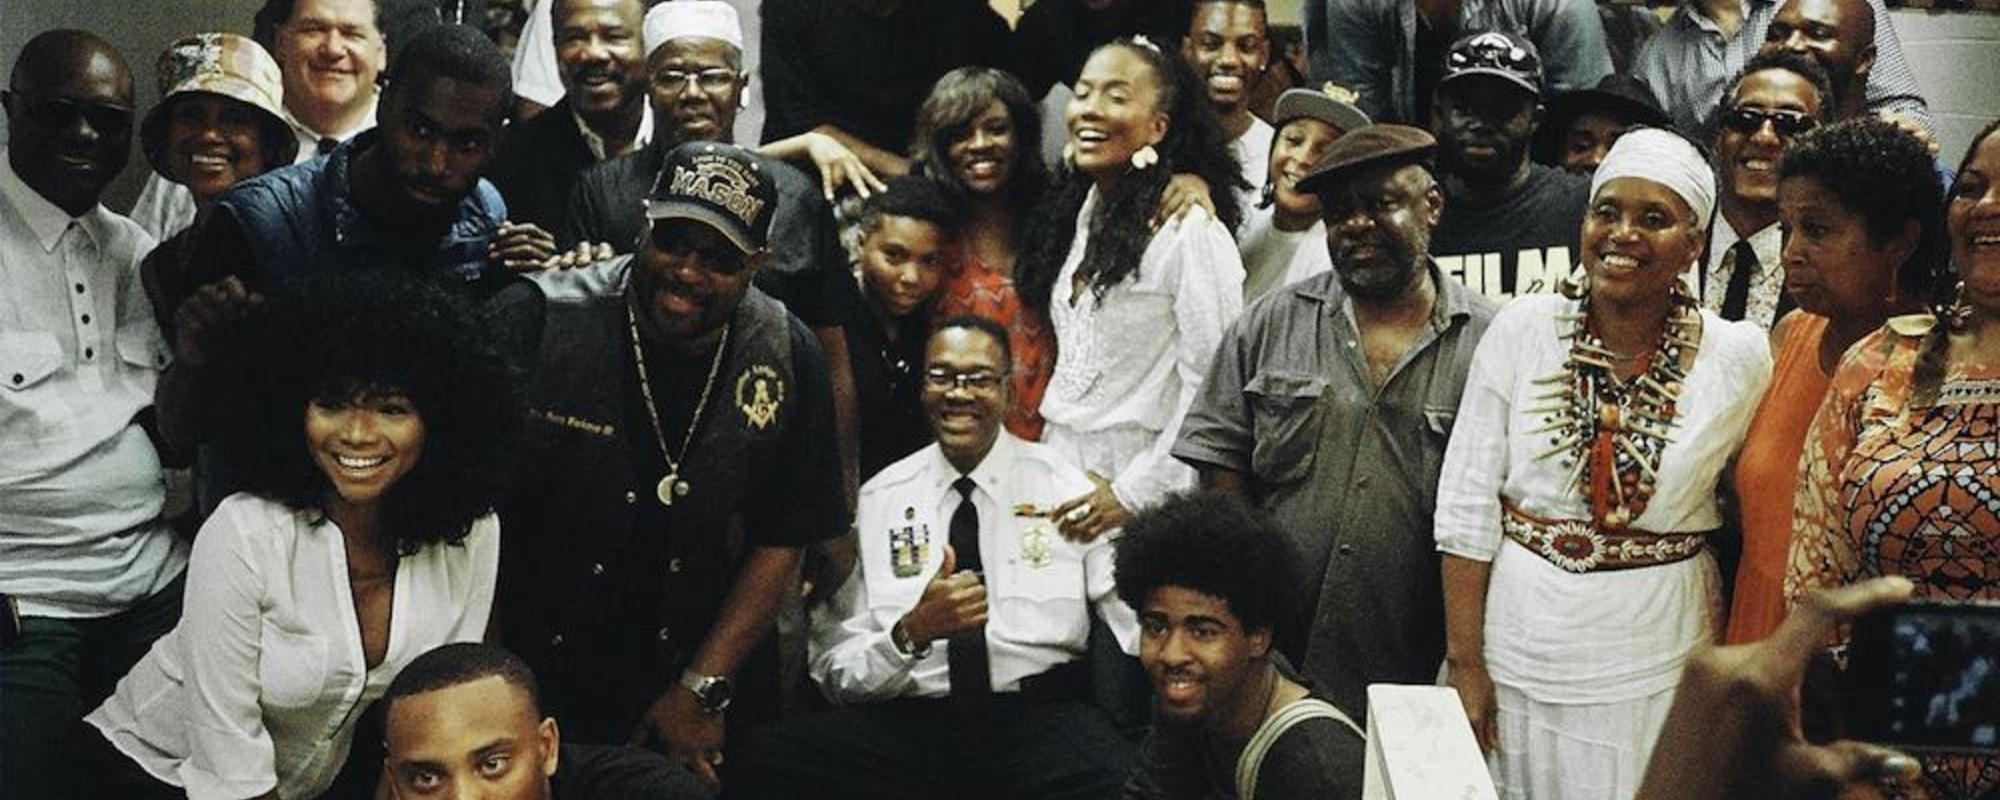 O Elenco de 'The Wire' Recriou Cenas do que Aconteceu em Baltimore Depois da Morte de Freddie Gray